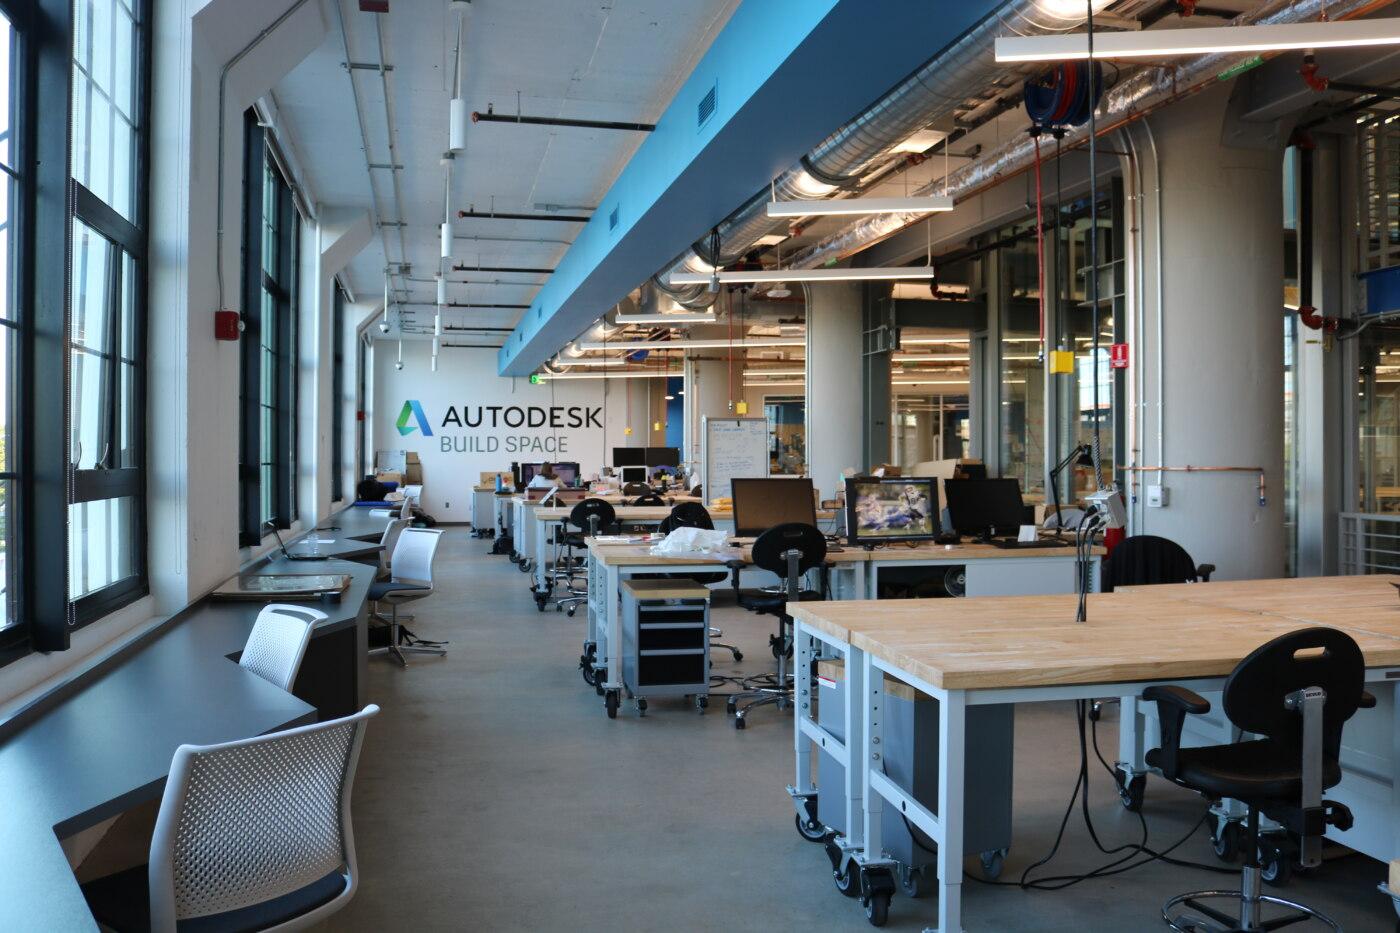 autodesk_partial-view-build-space